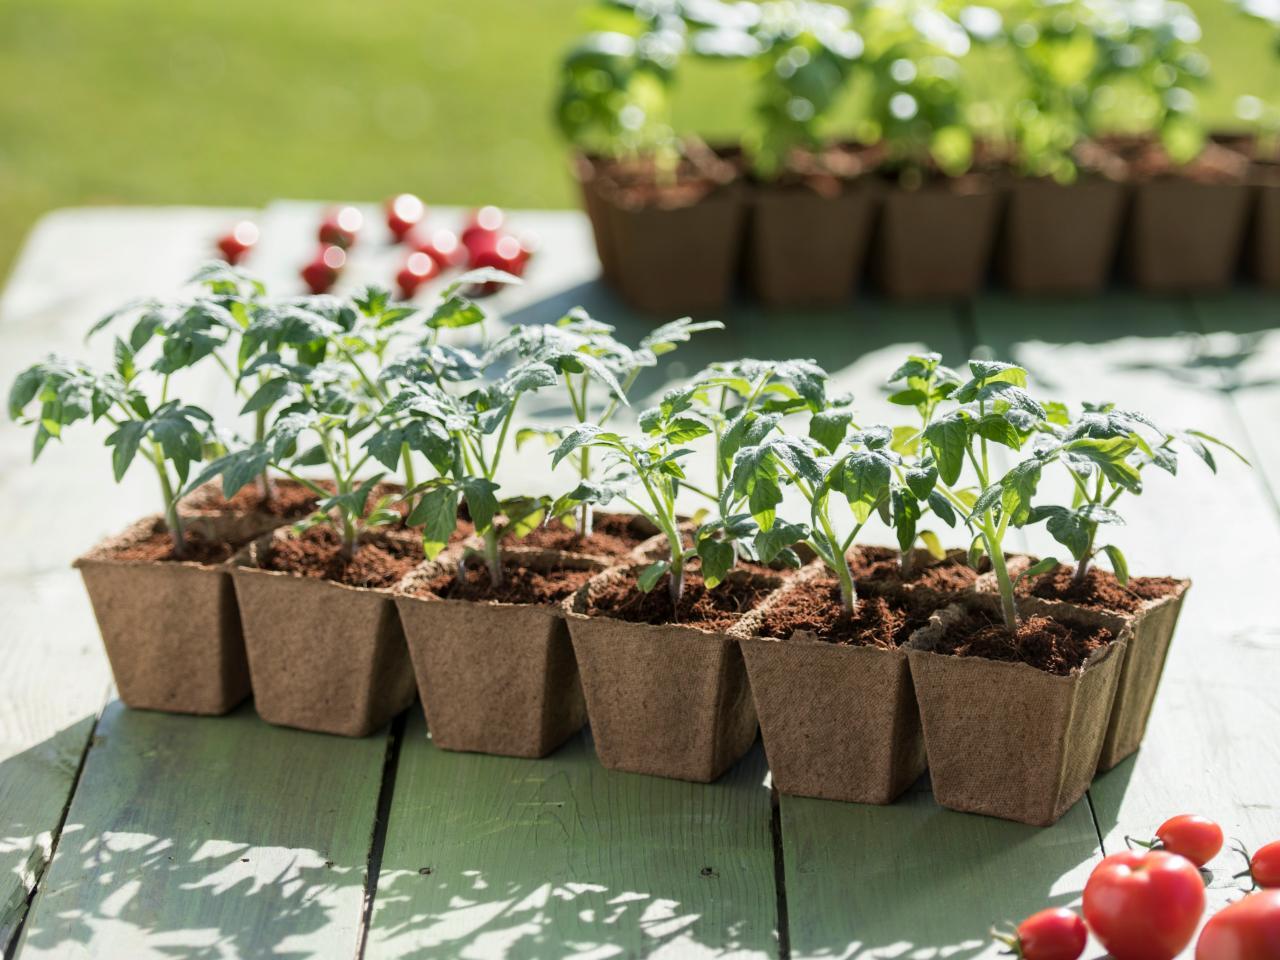 Bitkinin tohumdan çıkarak 3-4 yaprak olma seviyesine gelmesiyle oluşan fideler, üreticilere büyük avantajlar sağlar.